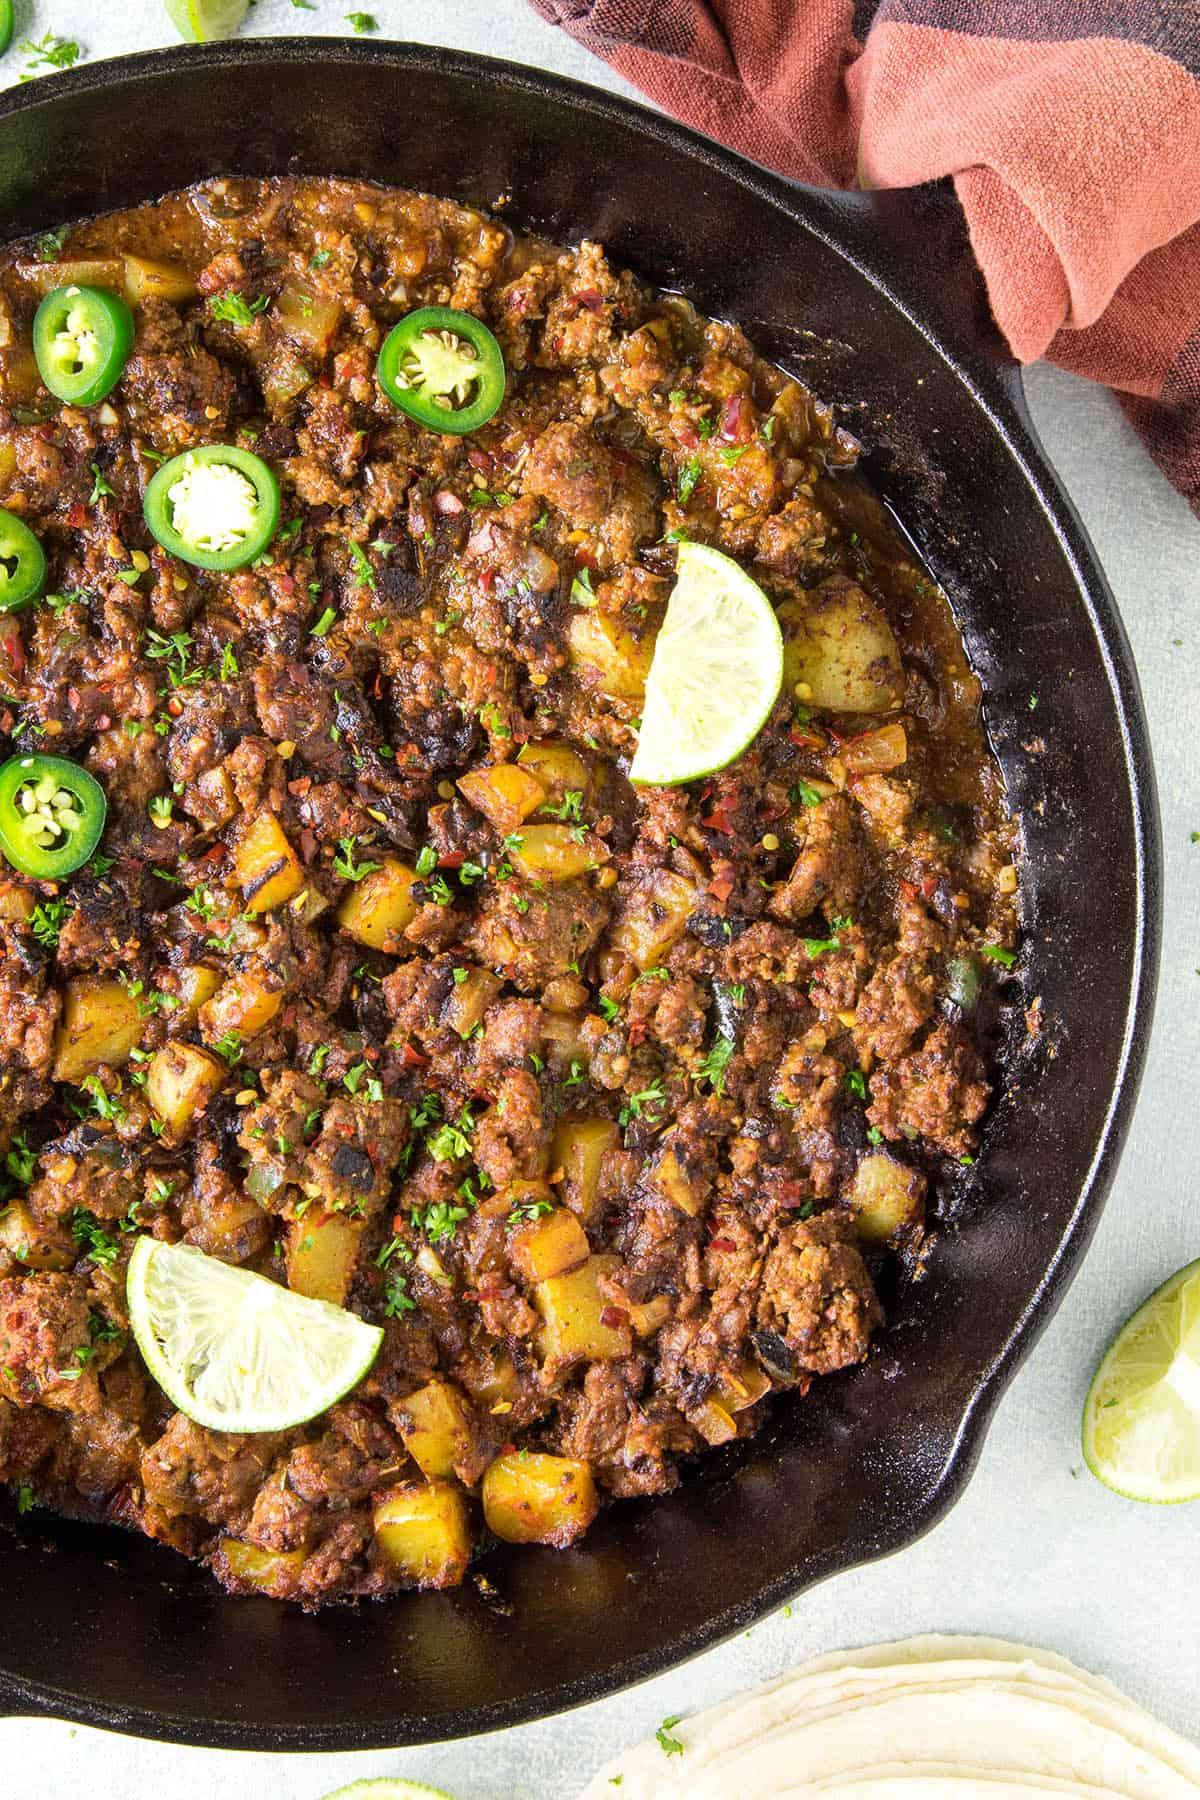 Mexican Picadillo Recipe - from Chili Pepper Madness.